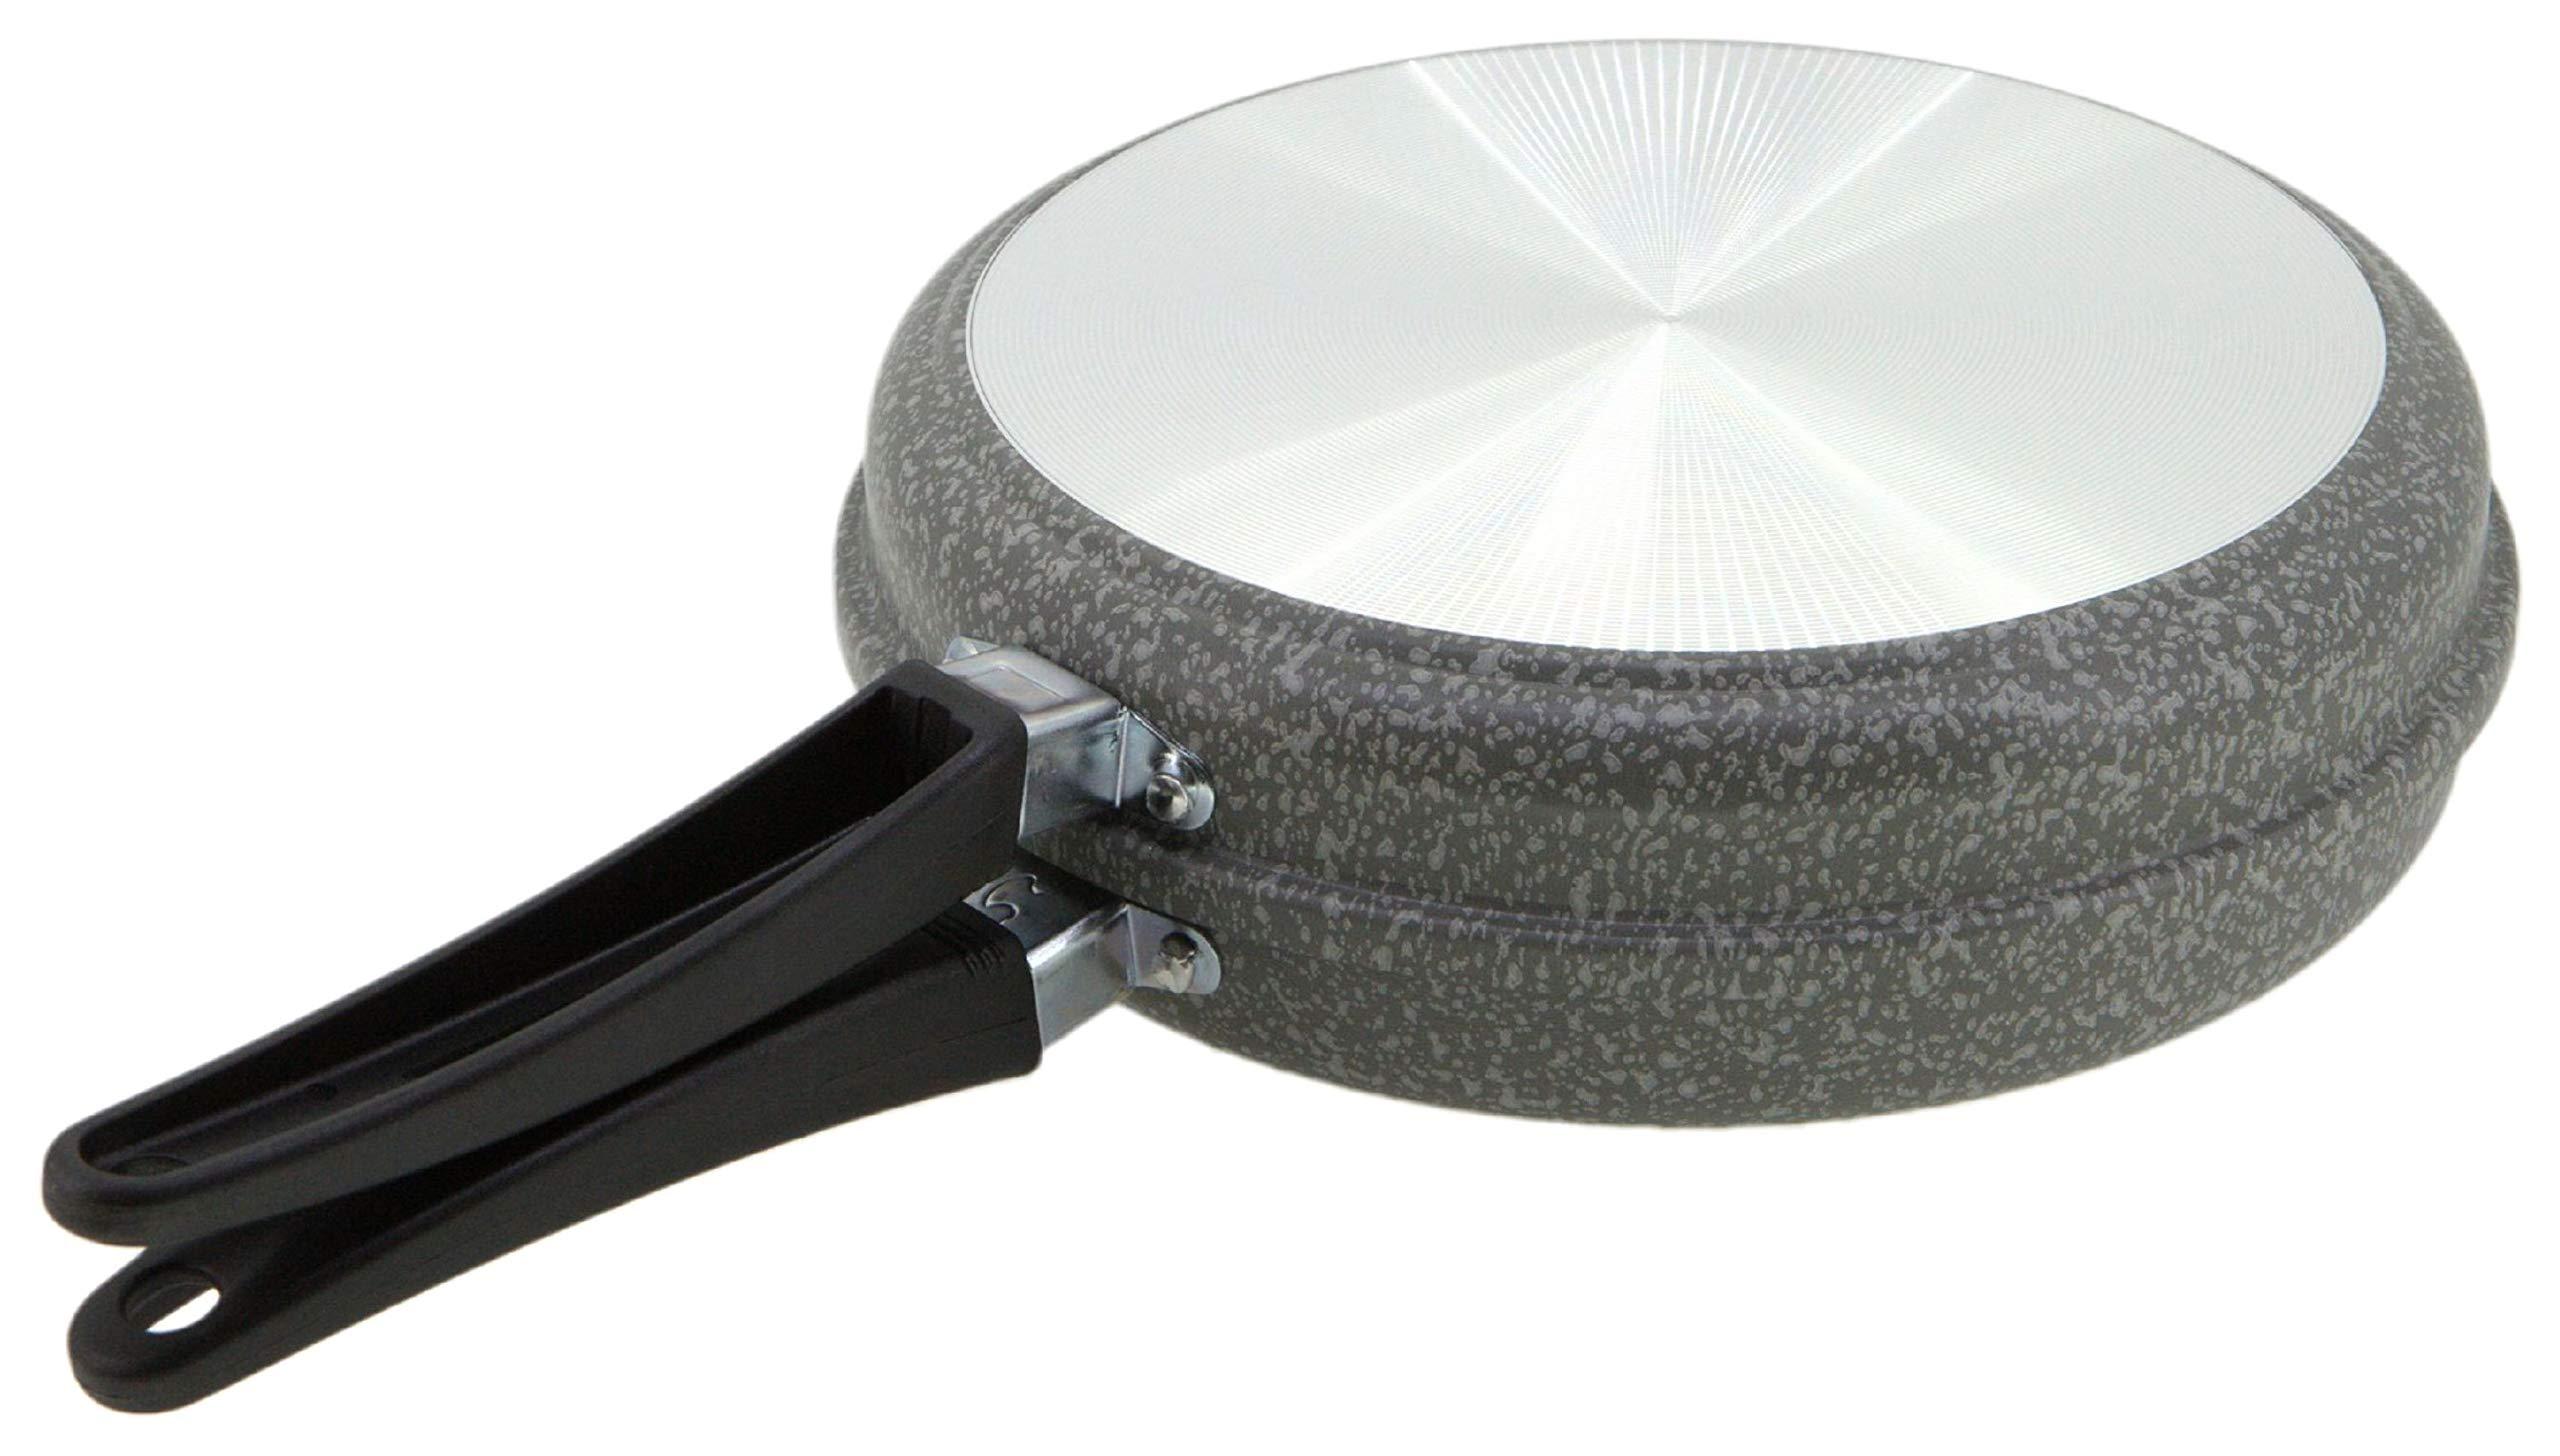 Sartén giratortillas Eco Antiadherente 24 centímetros product image